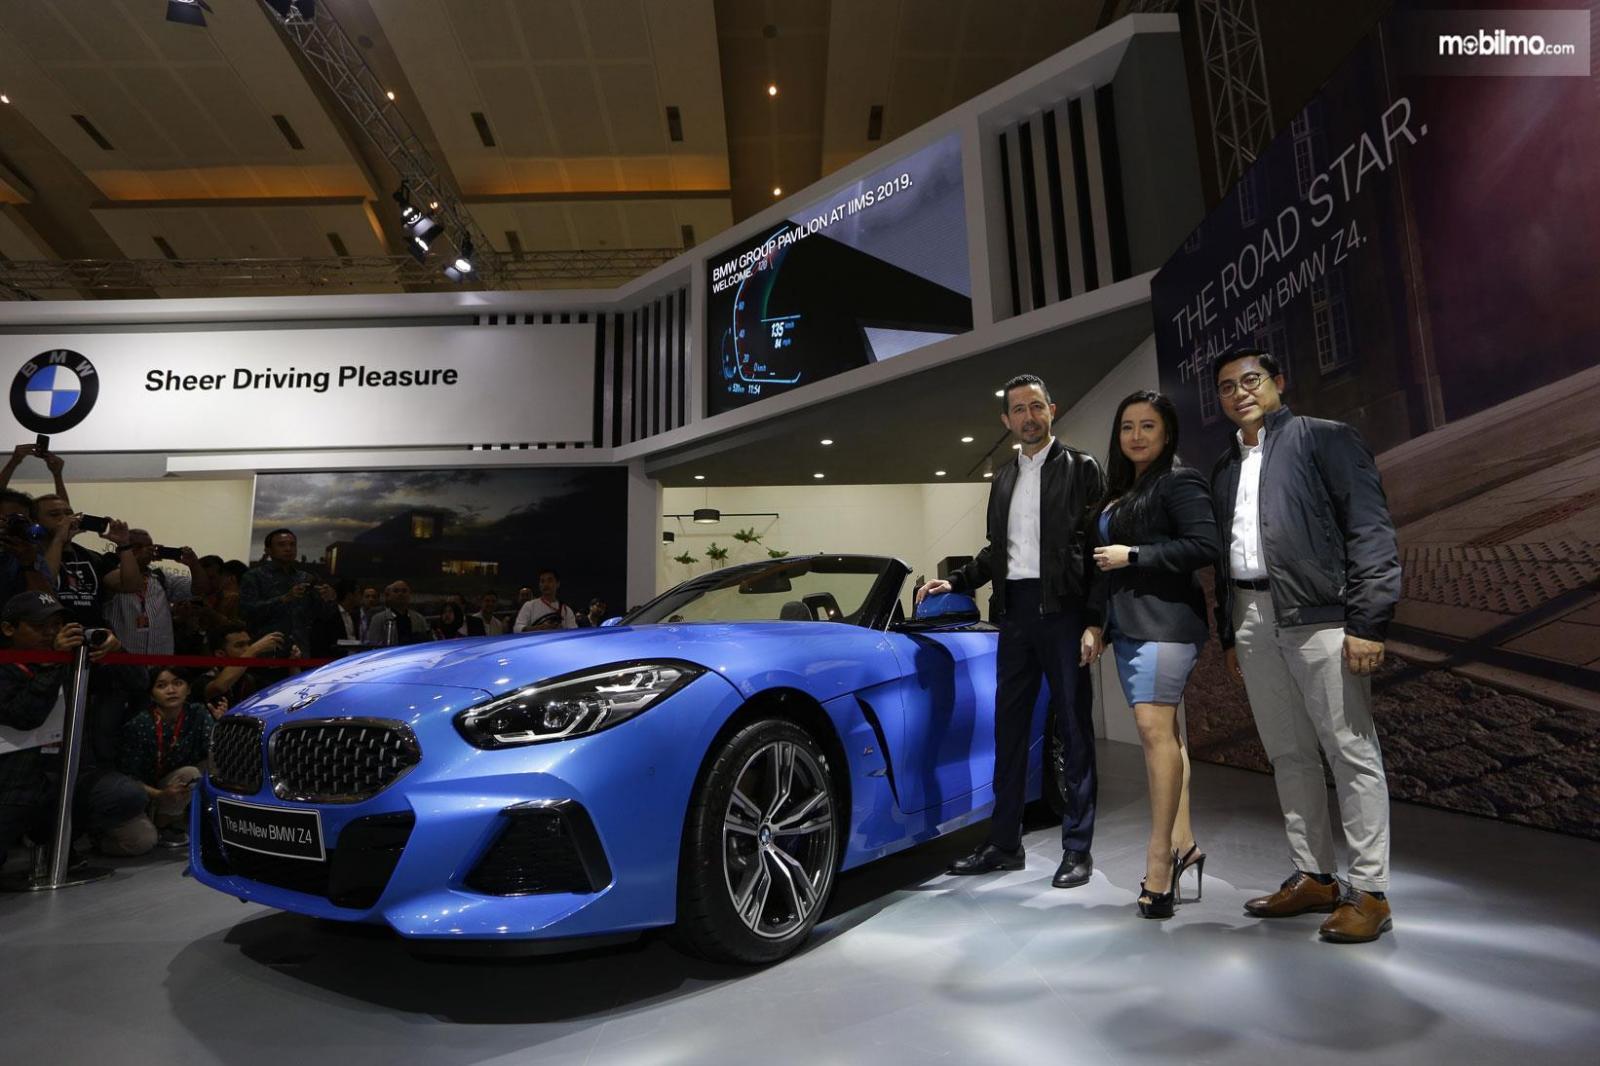 Foto peluncuran mobil baru BMW di pameran Telkomsel IIMS 2019